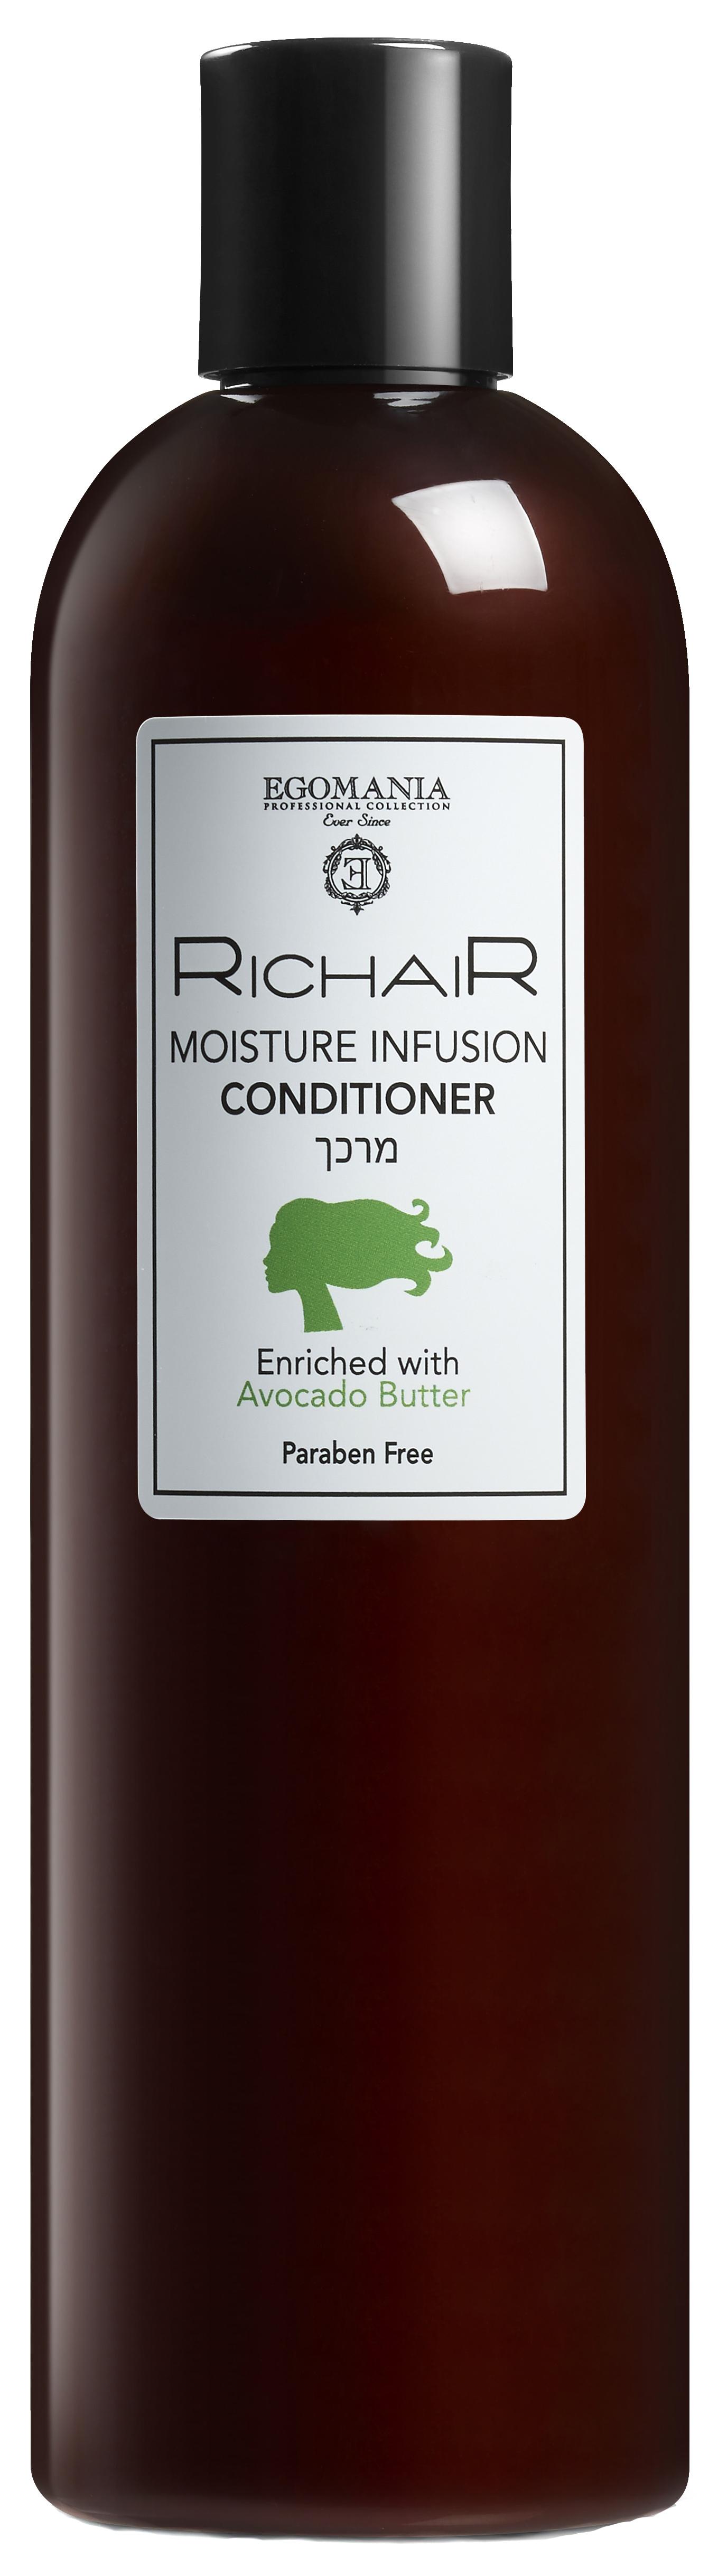 Купить Кондиционер для волос Egomania Professional Richair Moisture Infusion Conditioner 400 мл